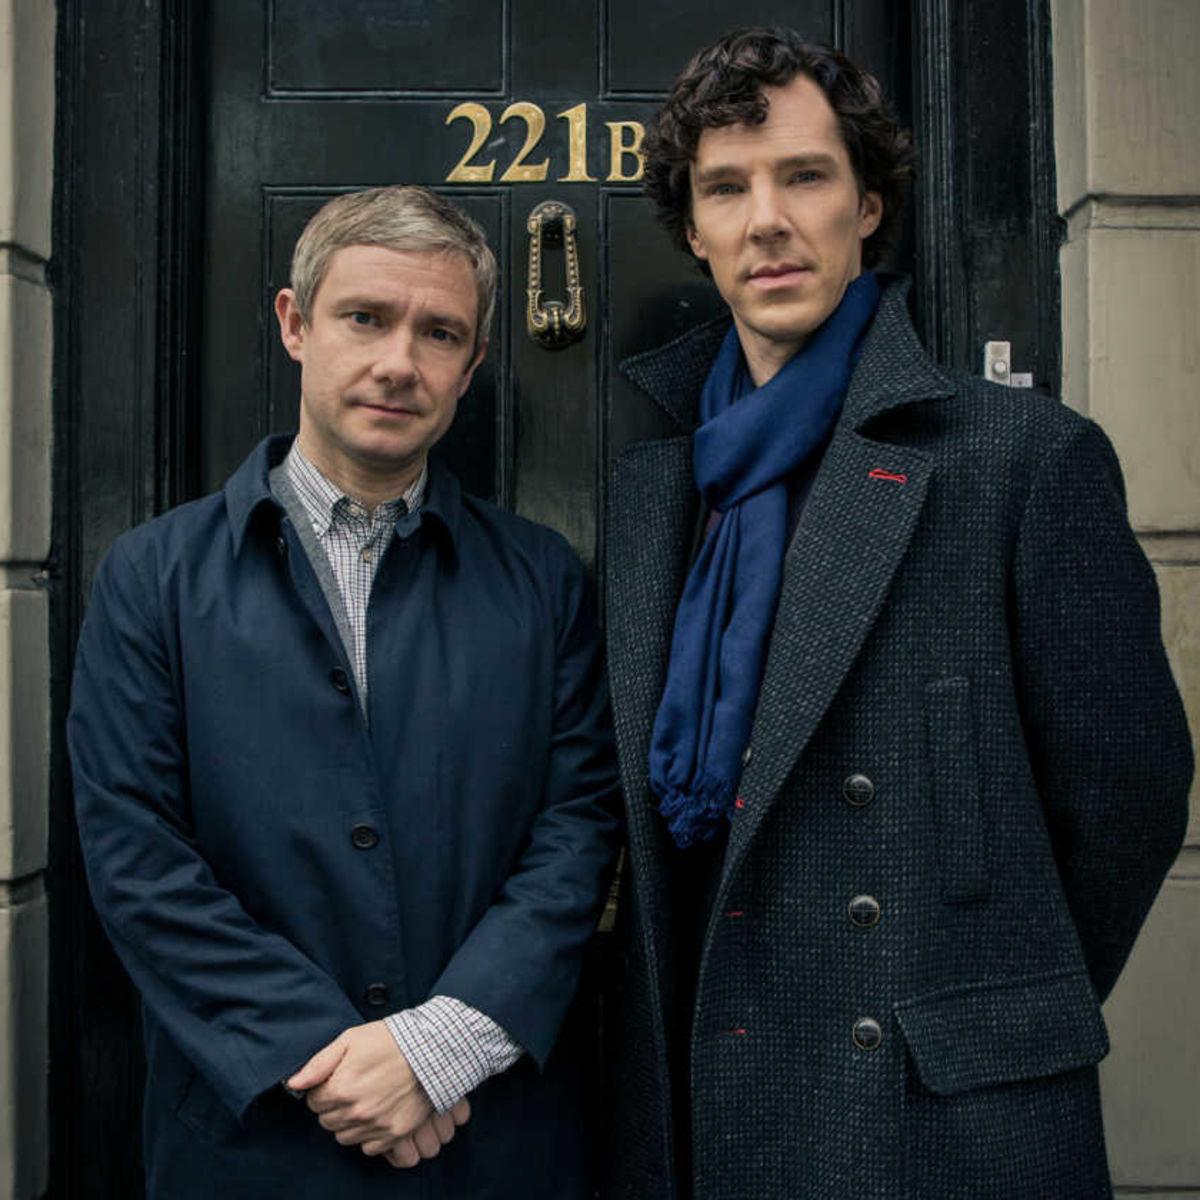 Nuevas-fechas-de-estreno-para-Sherlock-y-Downton-Abbey-2.jpg